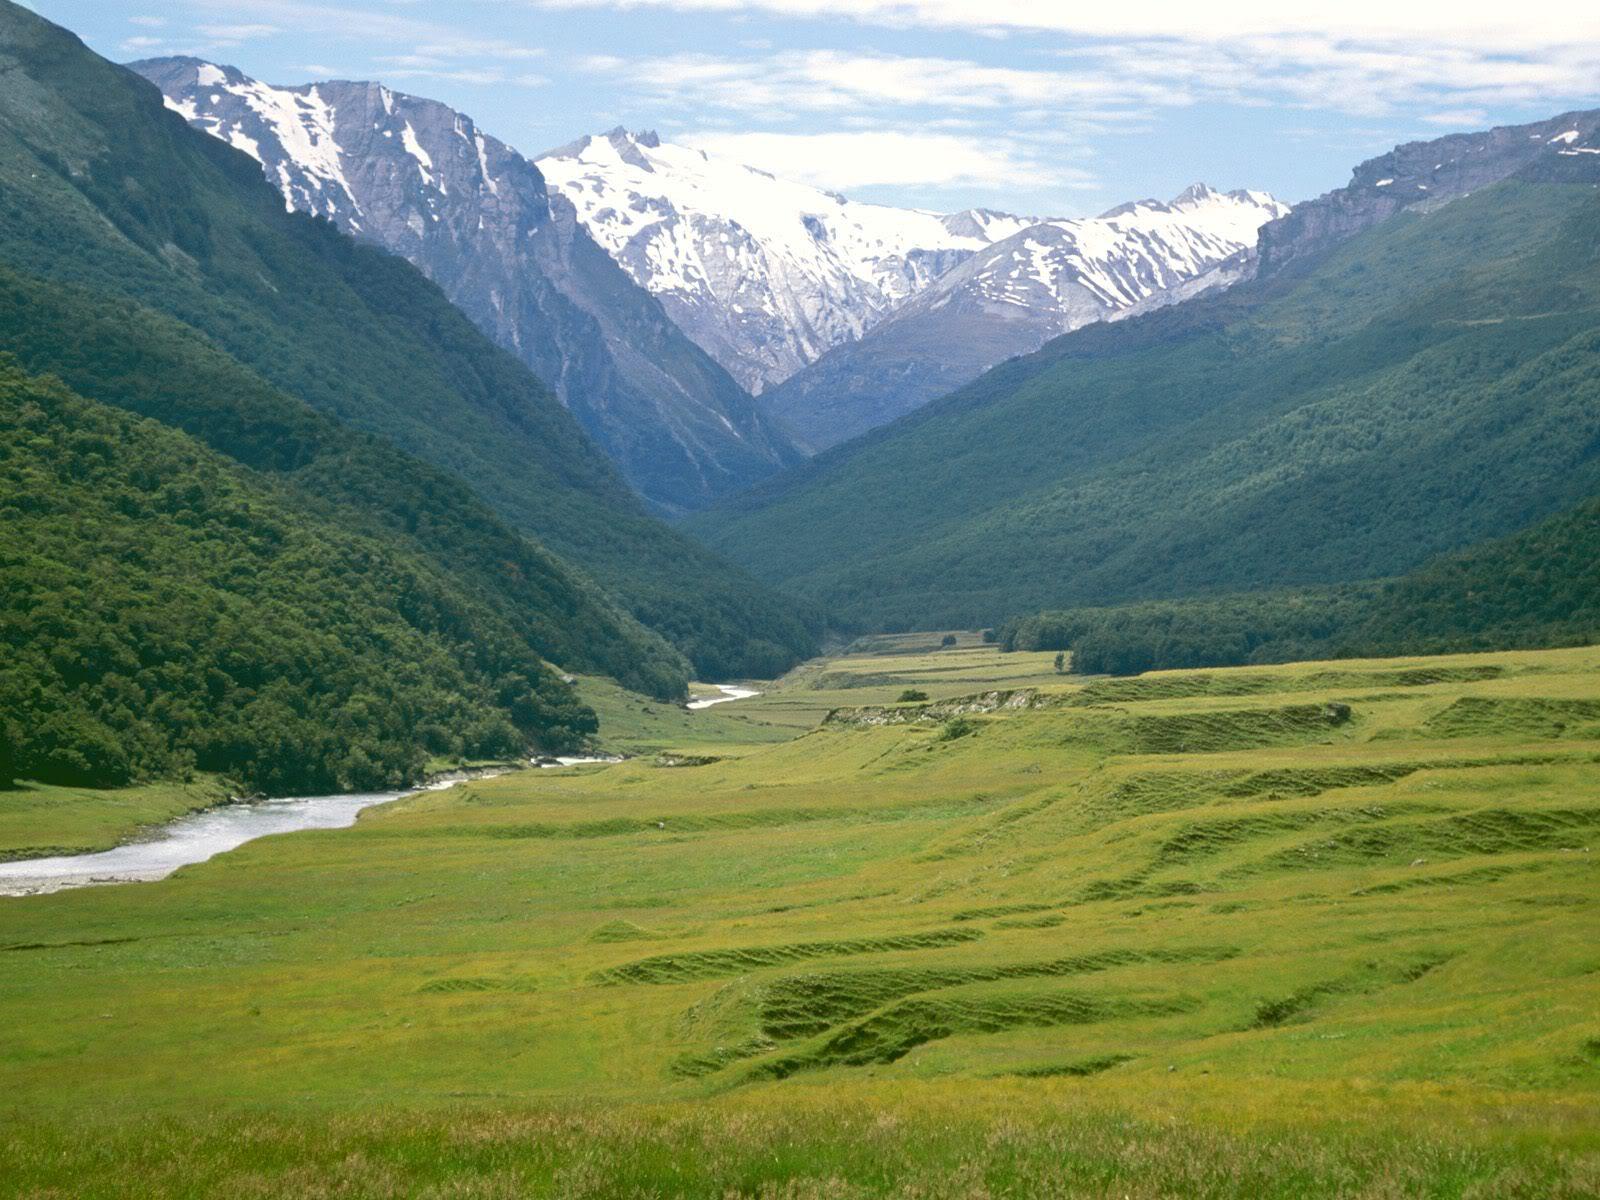 அழகு மலைகளின் காட்சிகள் சில.....02 - Page 22 CattleFlatsDartRiverNewZealand